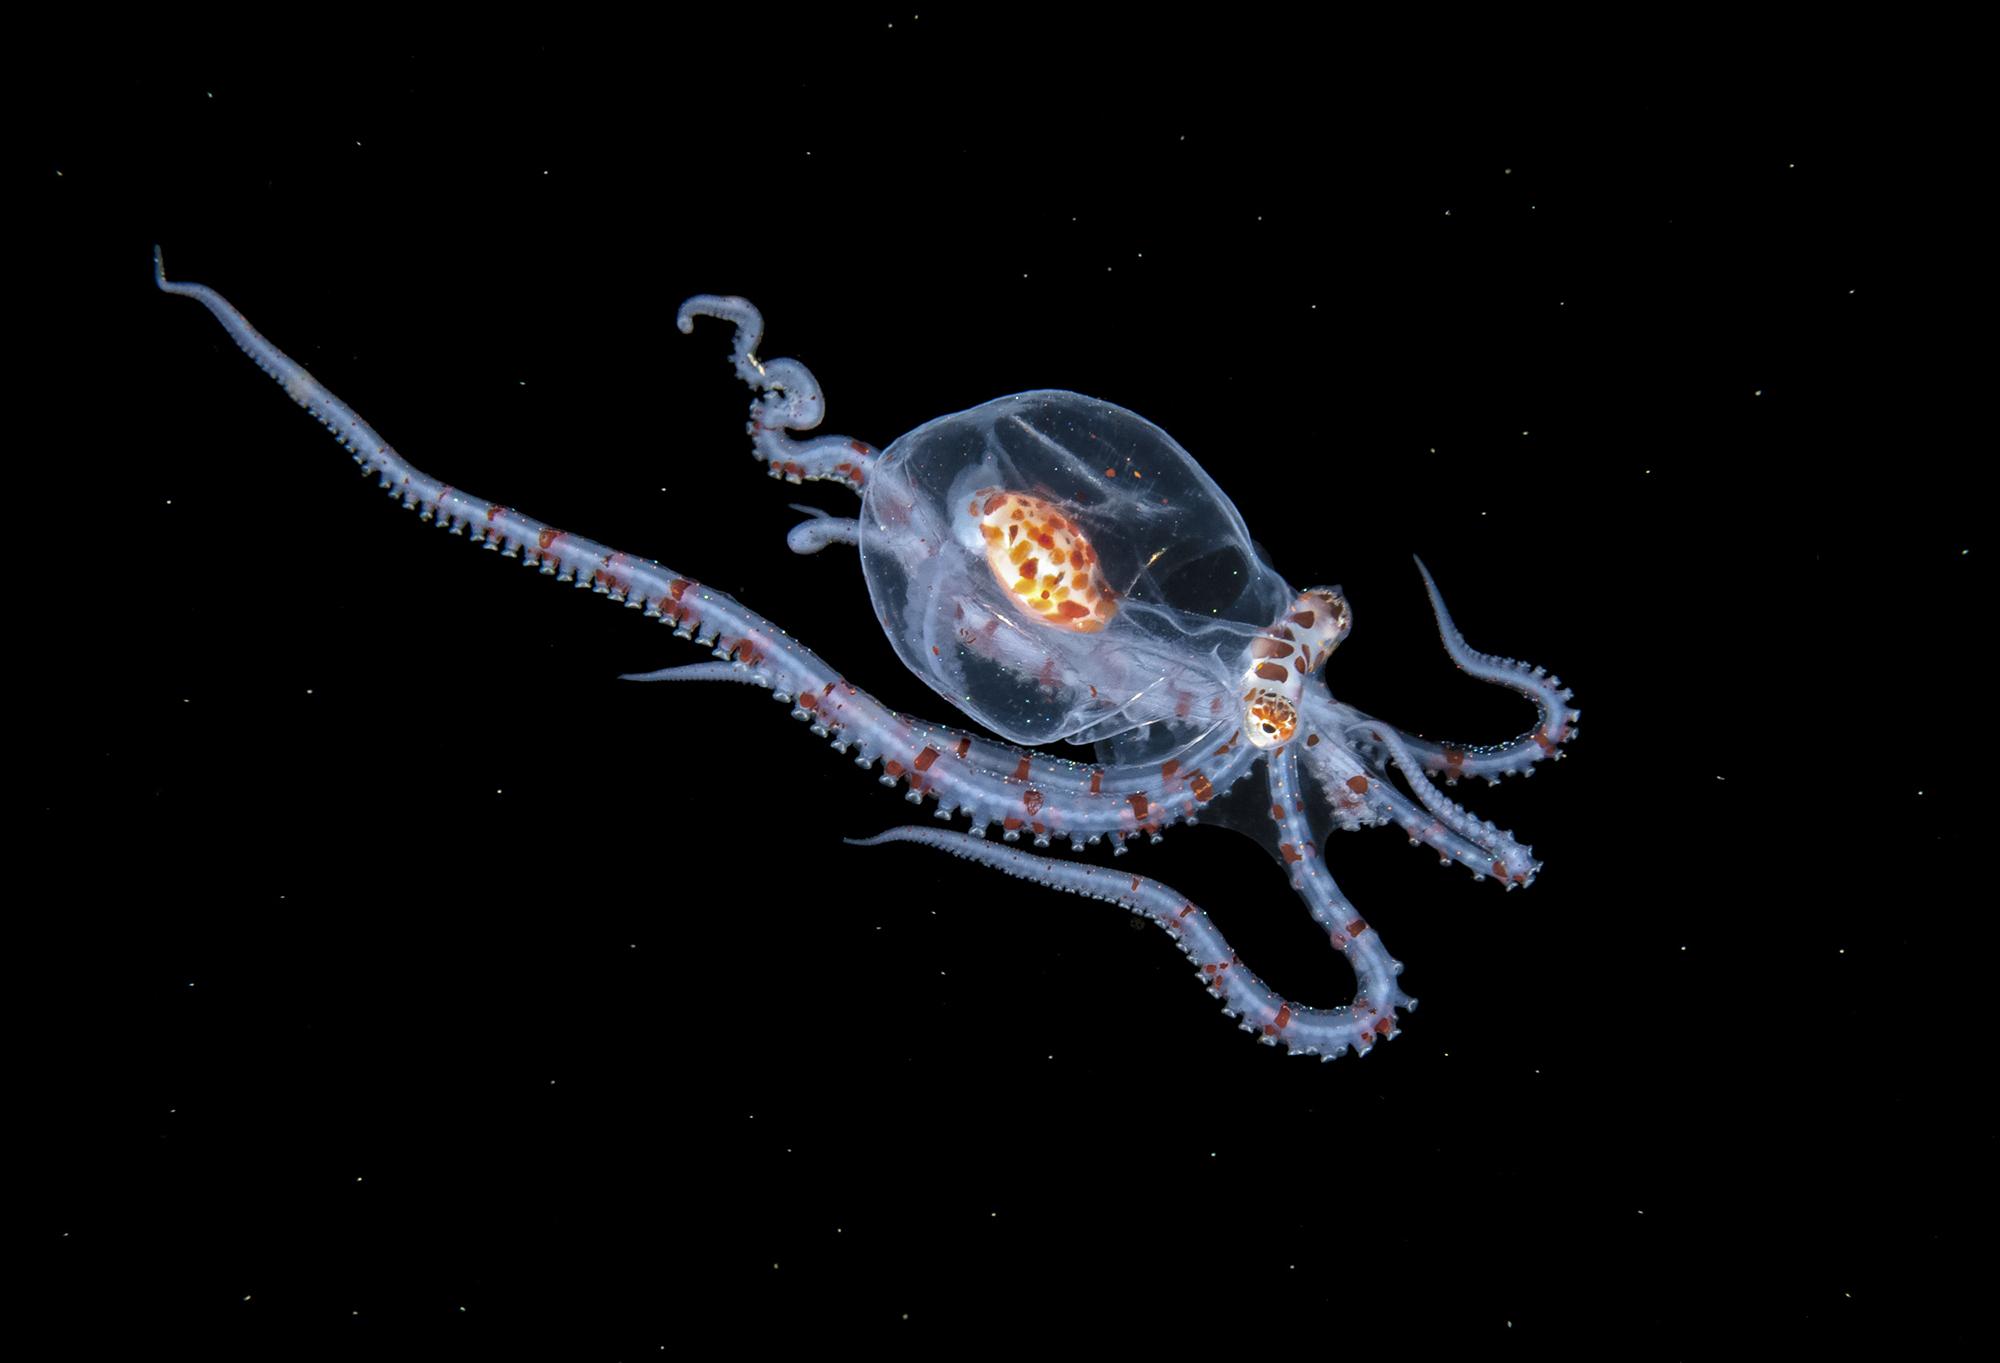 Foto subacquee scattate in acque scure e profonde a molte creature meravigliose ed eteree dell'Oceano Atlantico di Steven Kovacs